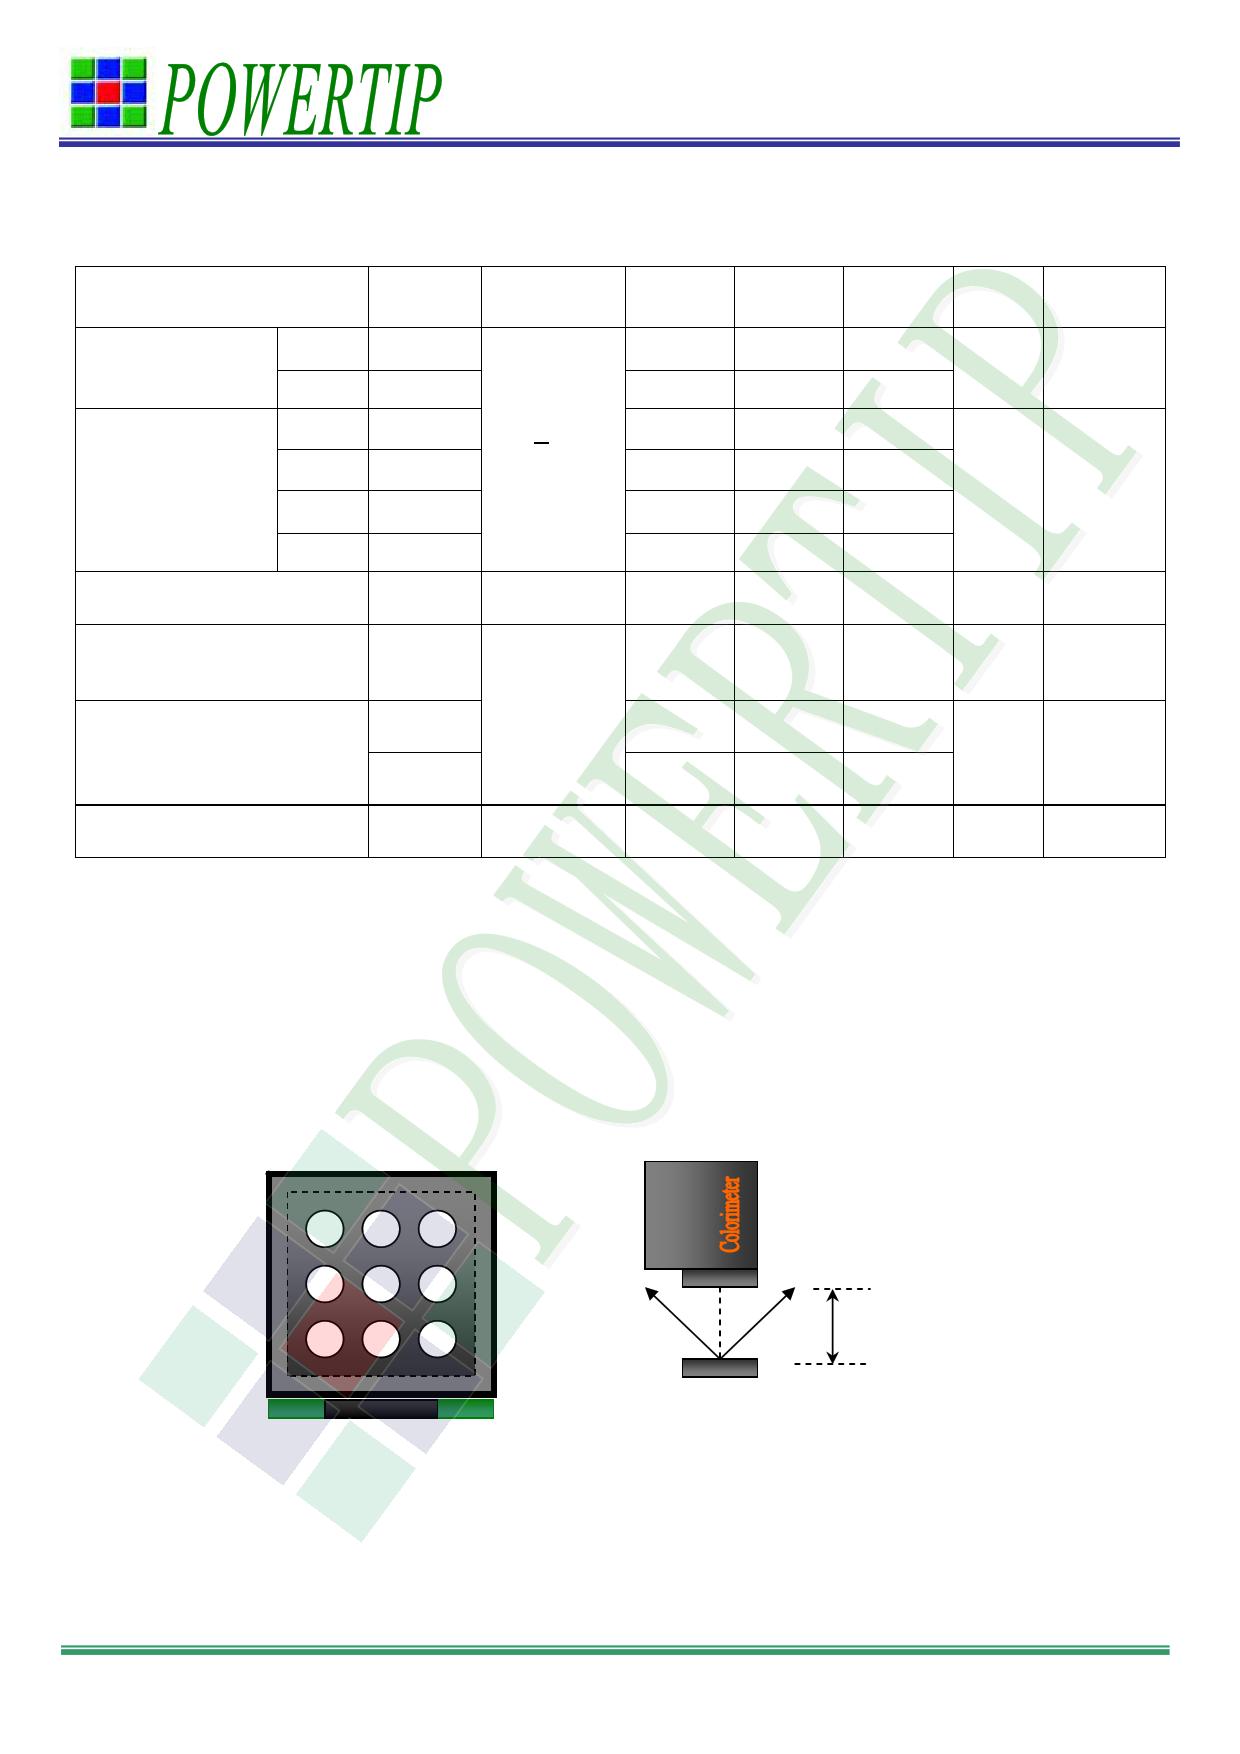 PE240128WRF-001-HC1Q 전자부품, 판매, 대치품